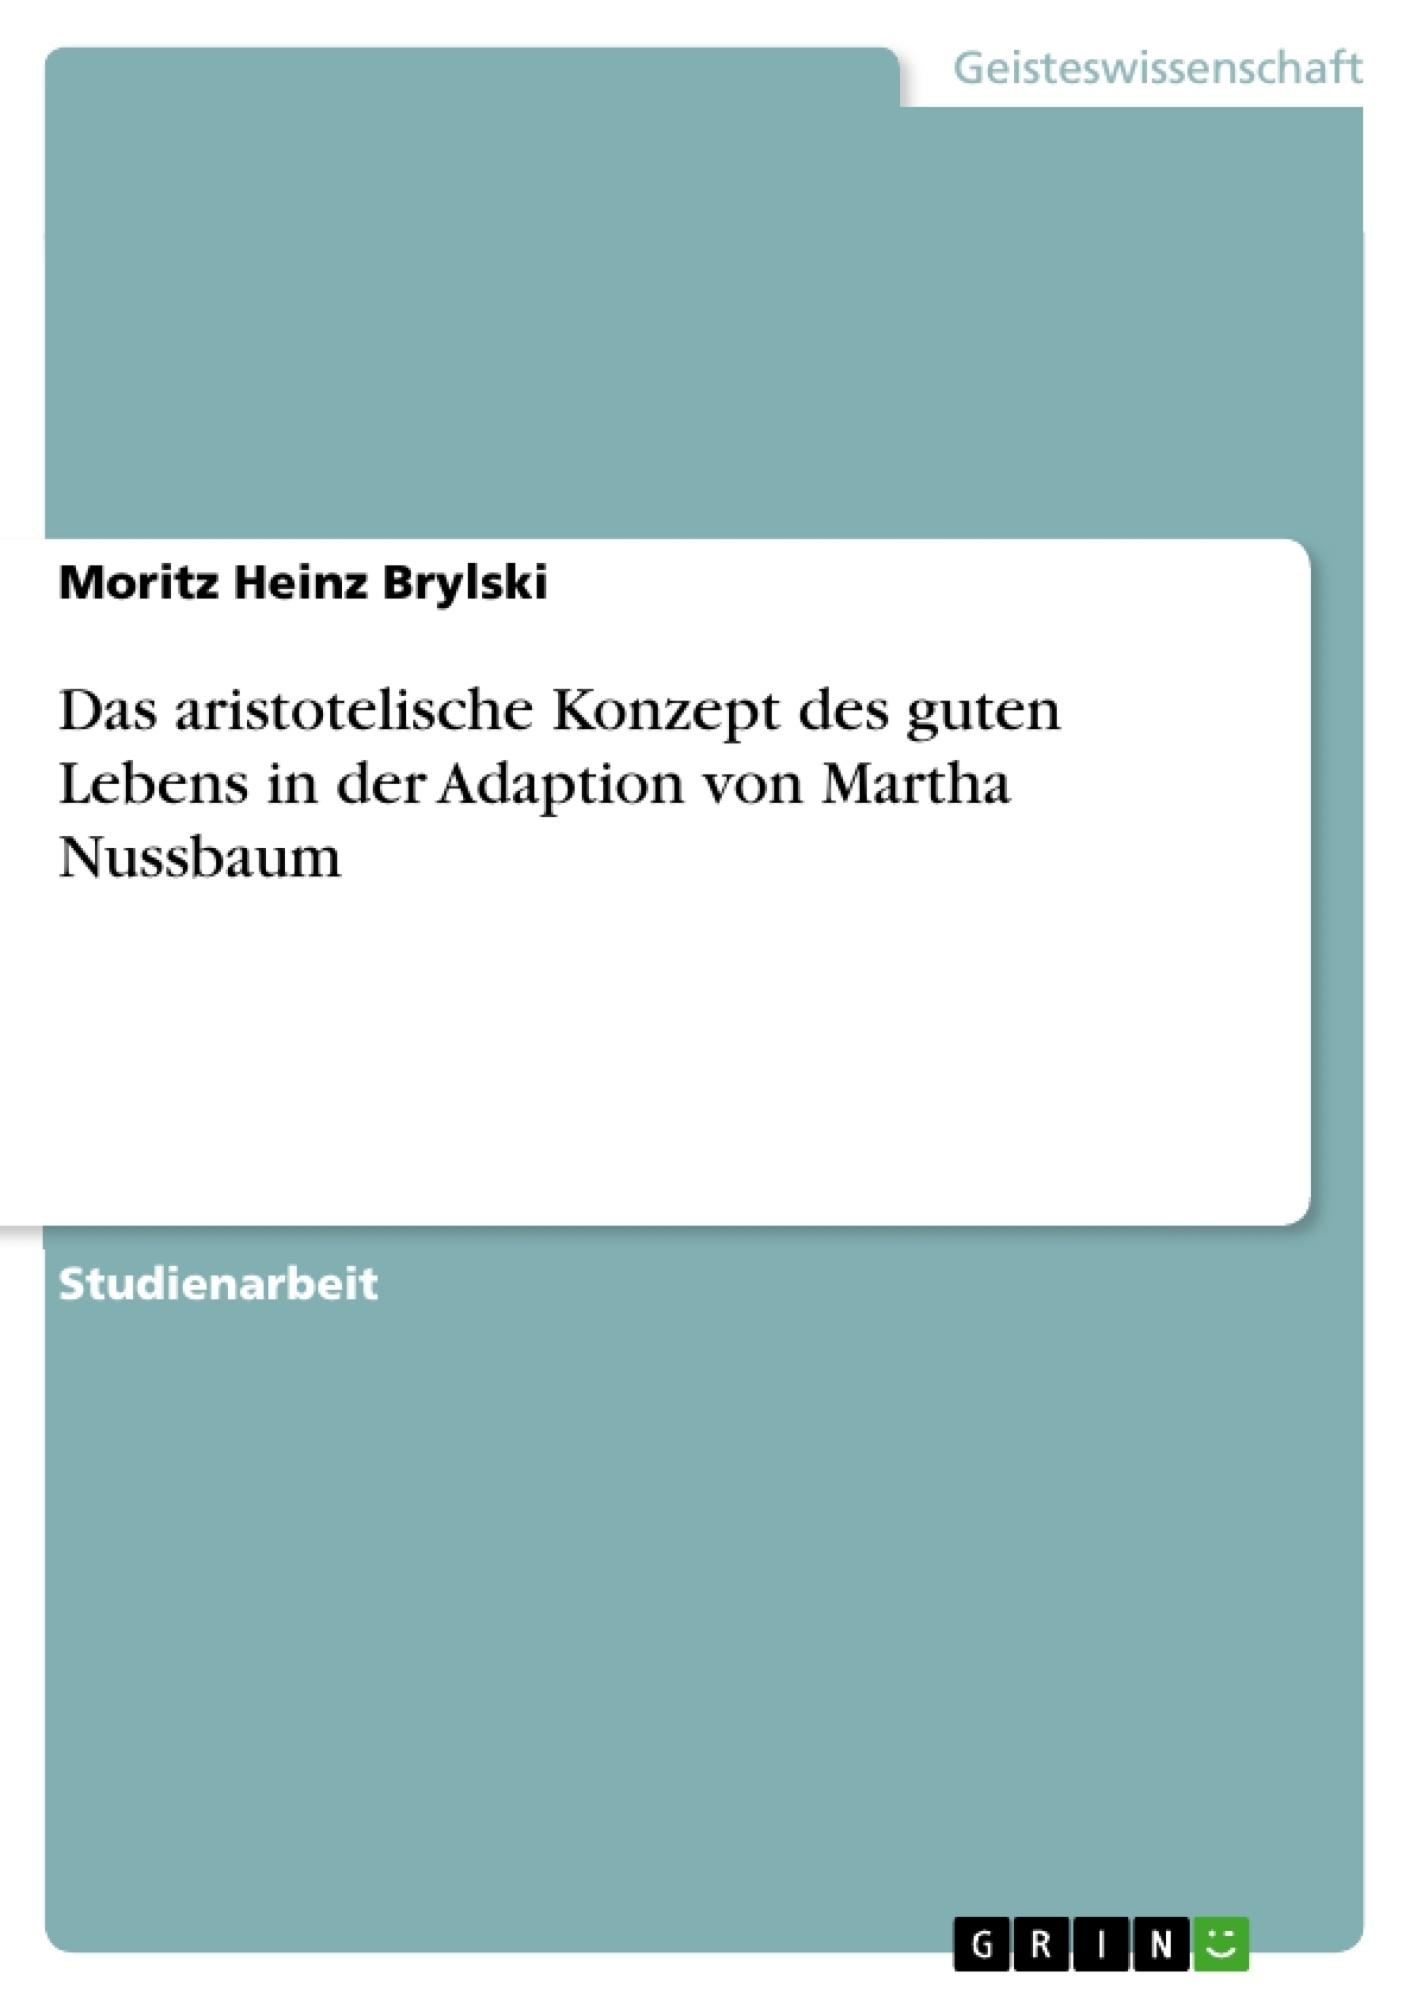 Titel: Das aristotelische Konzept des guten Lebens in der Adaption von Martha Nussbaum